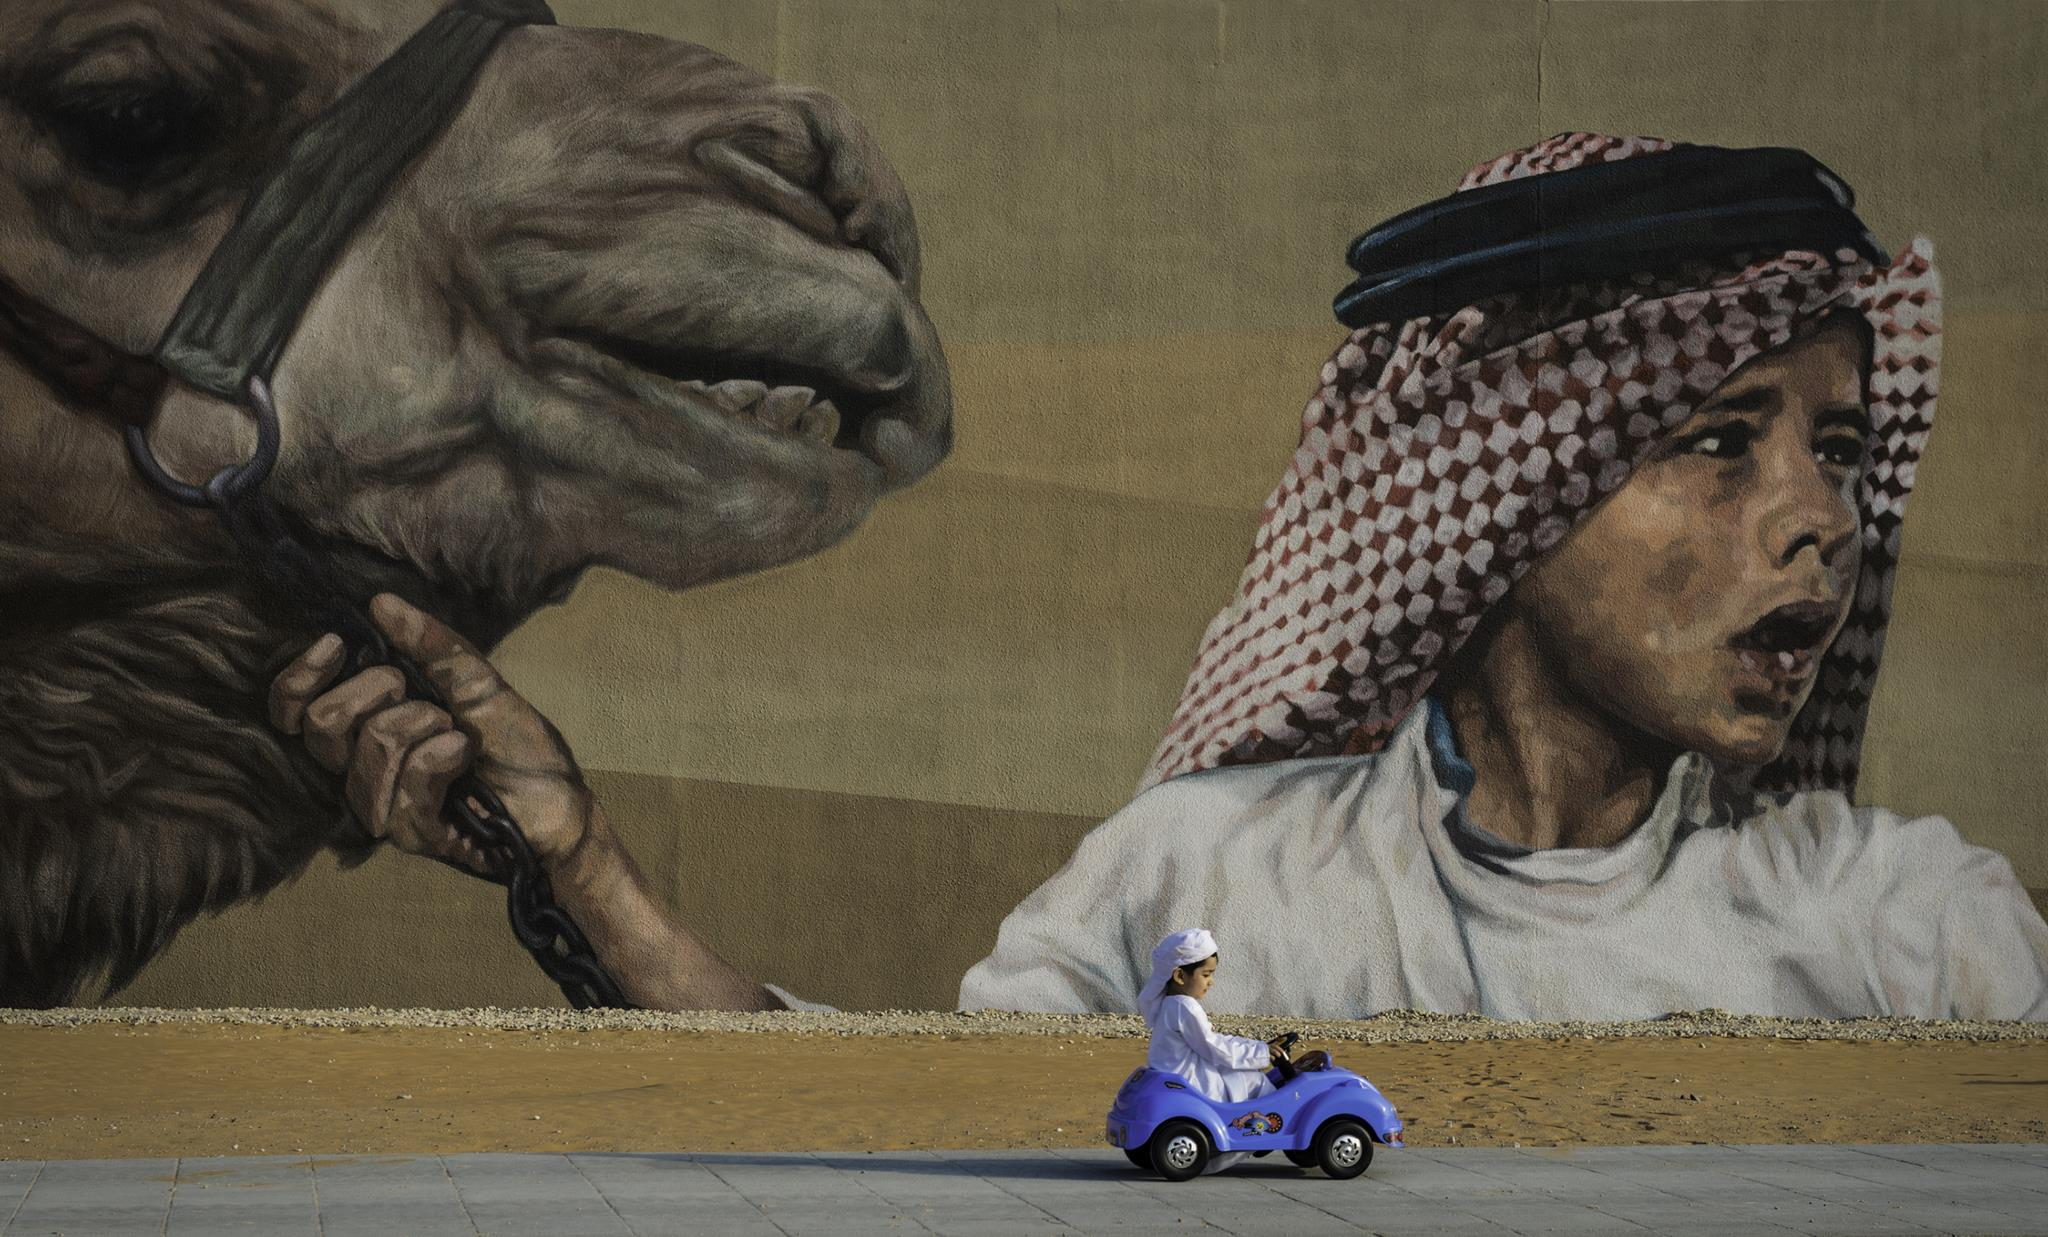 Uma criança passeia no seu carro de brincar em Abu Dhabi (1.º prémio - Emirados Árabes Unidos)